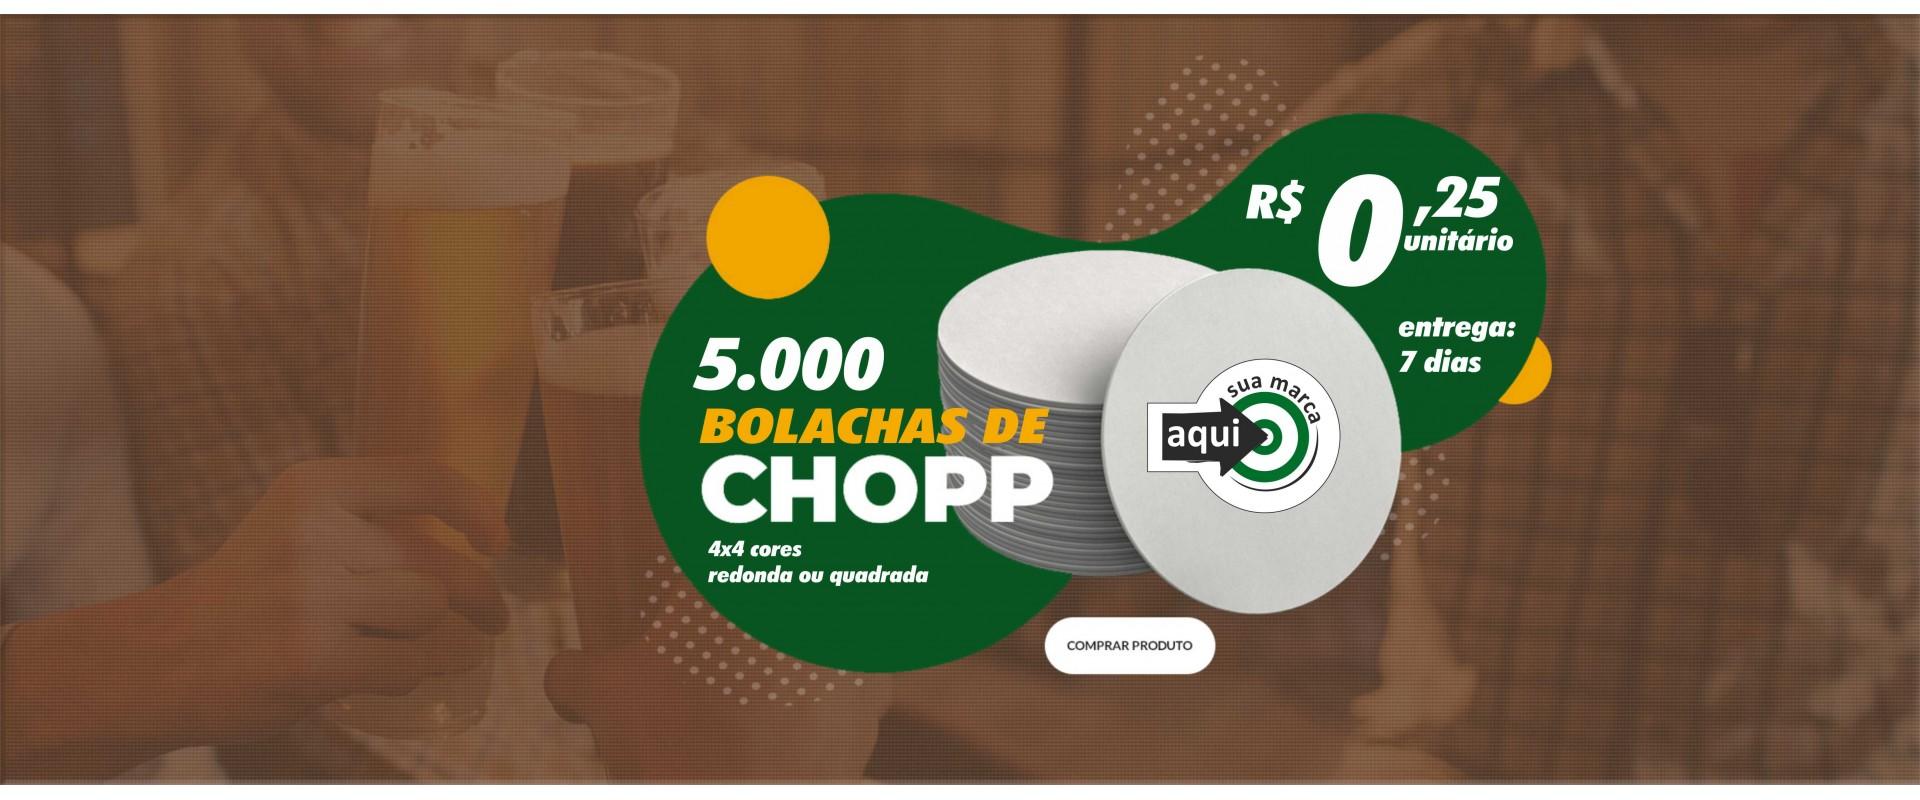 5.000 Bolachas para Chopp